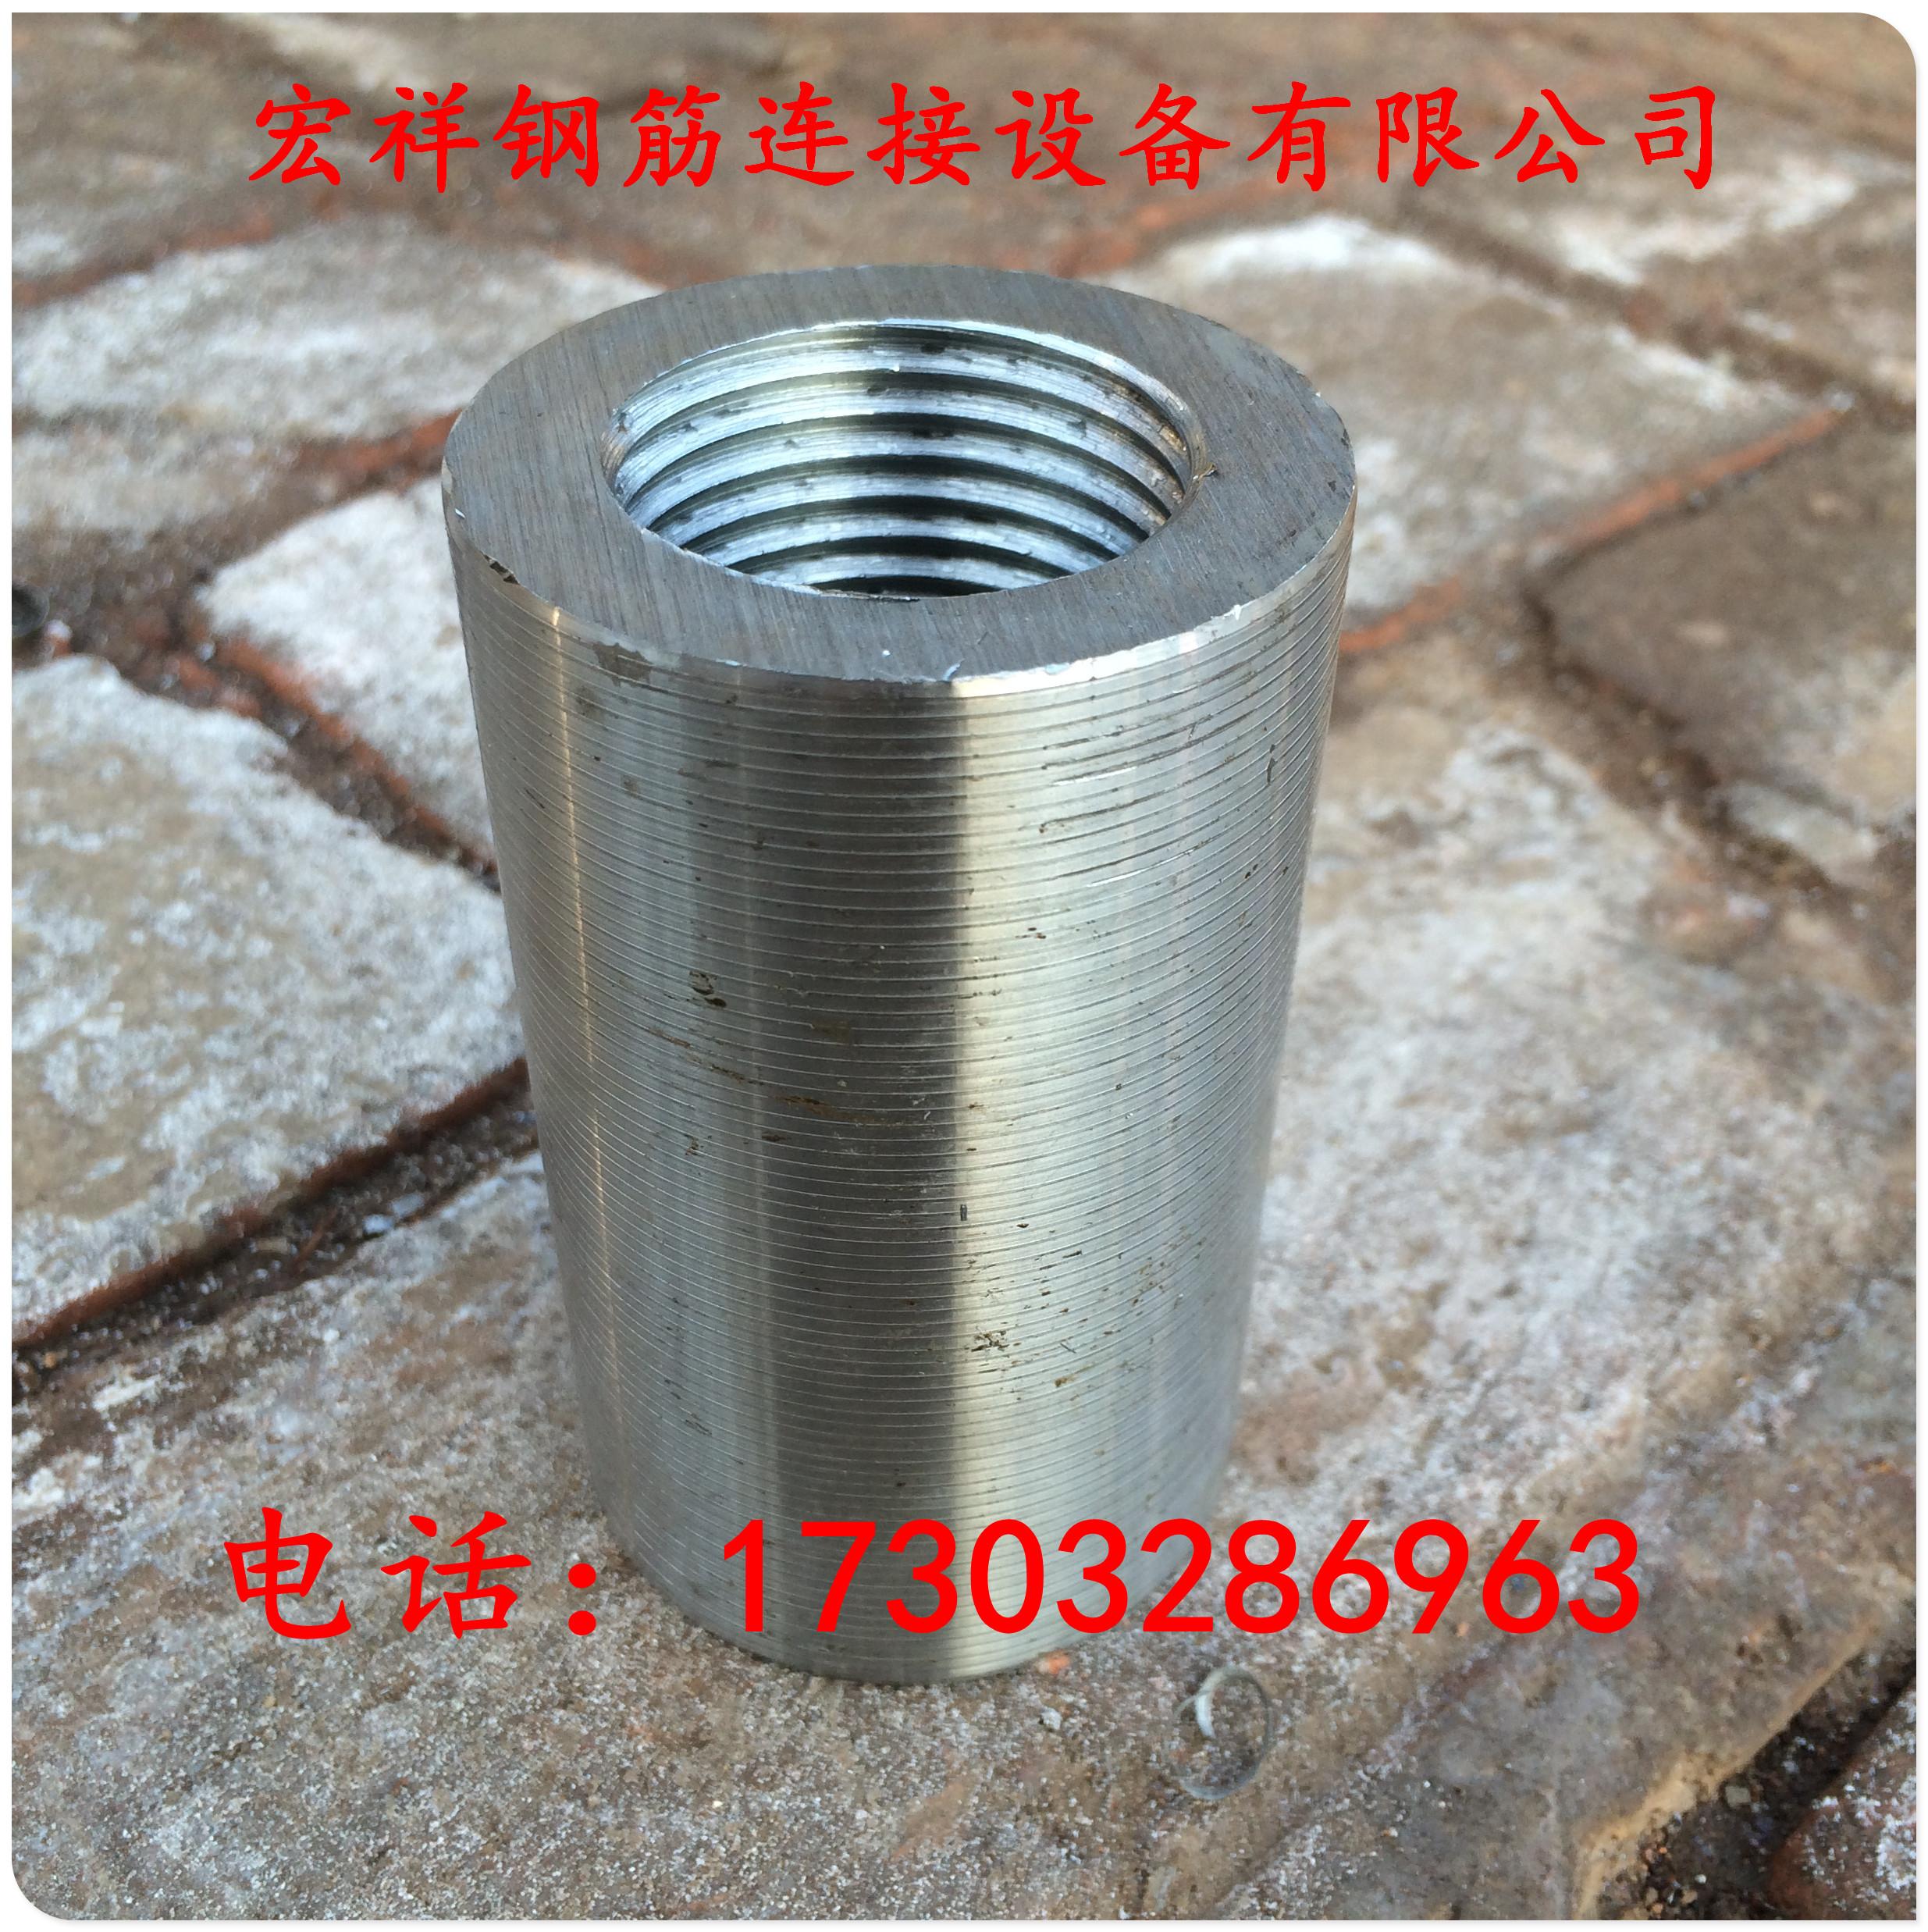 直螺纹钢筋连接套筒 直螺纹钢筋连接套筒厂家12-40